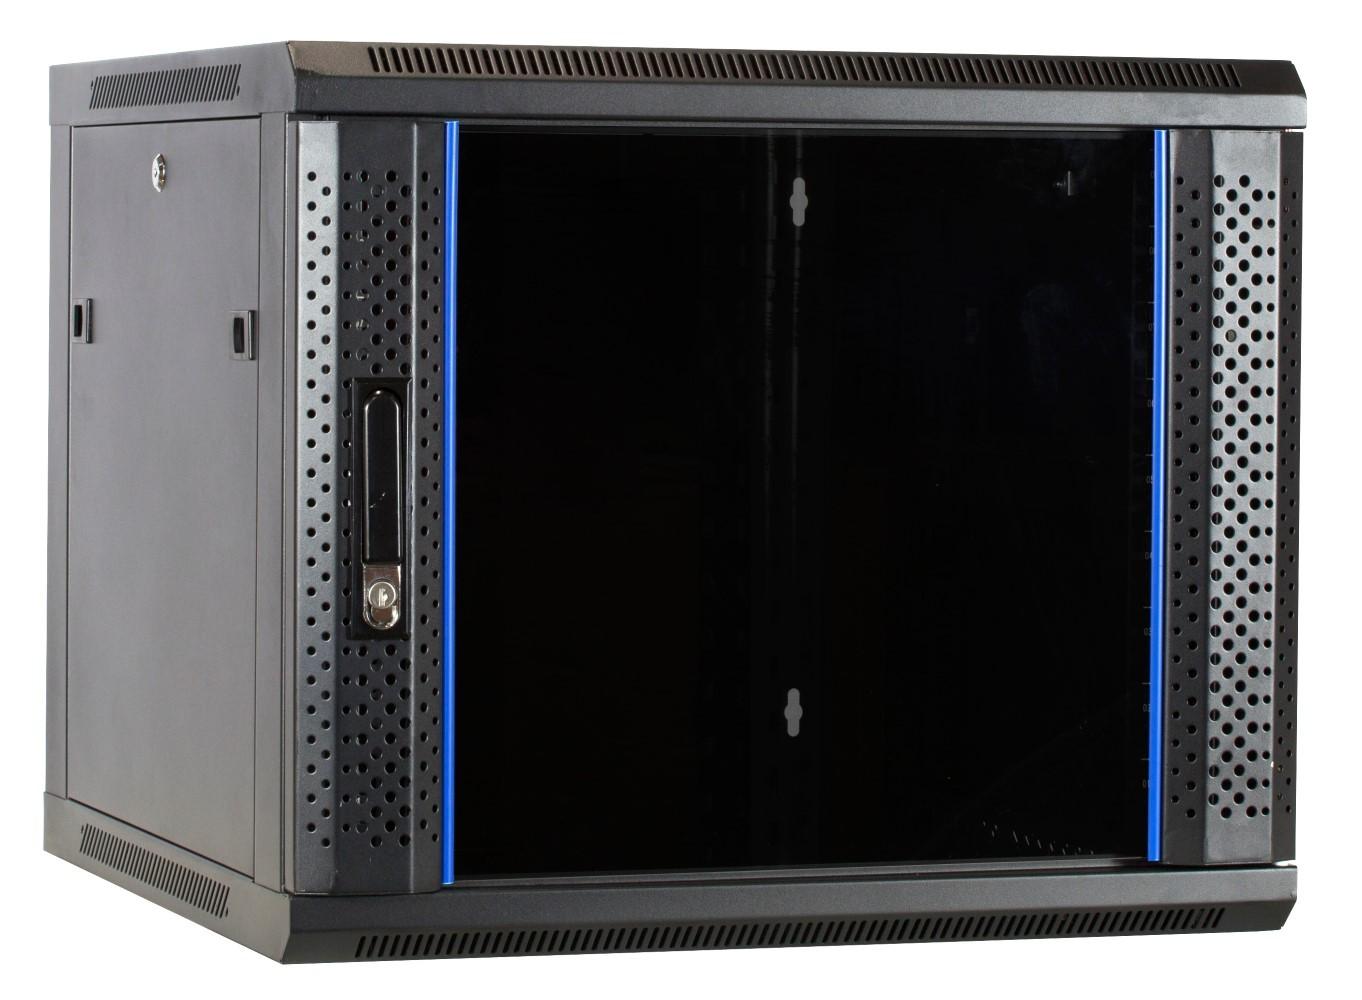 Afbeelding van 9U wandkast met glazen deur 600x600x500mm